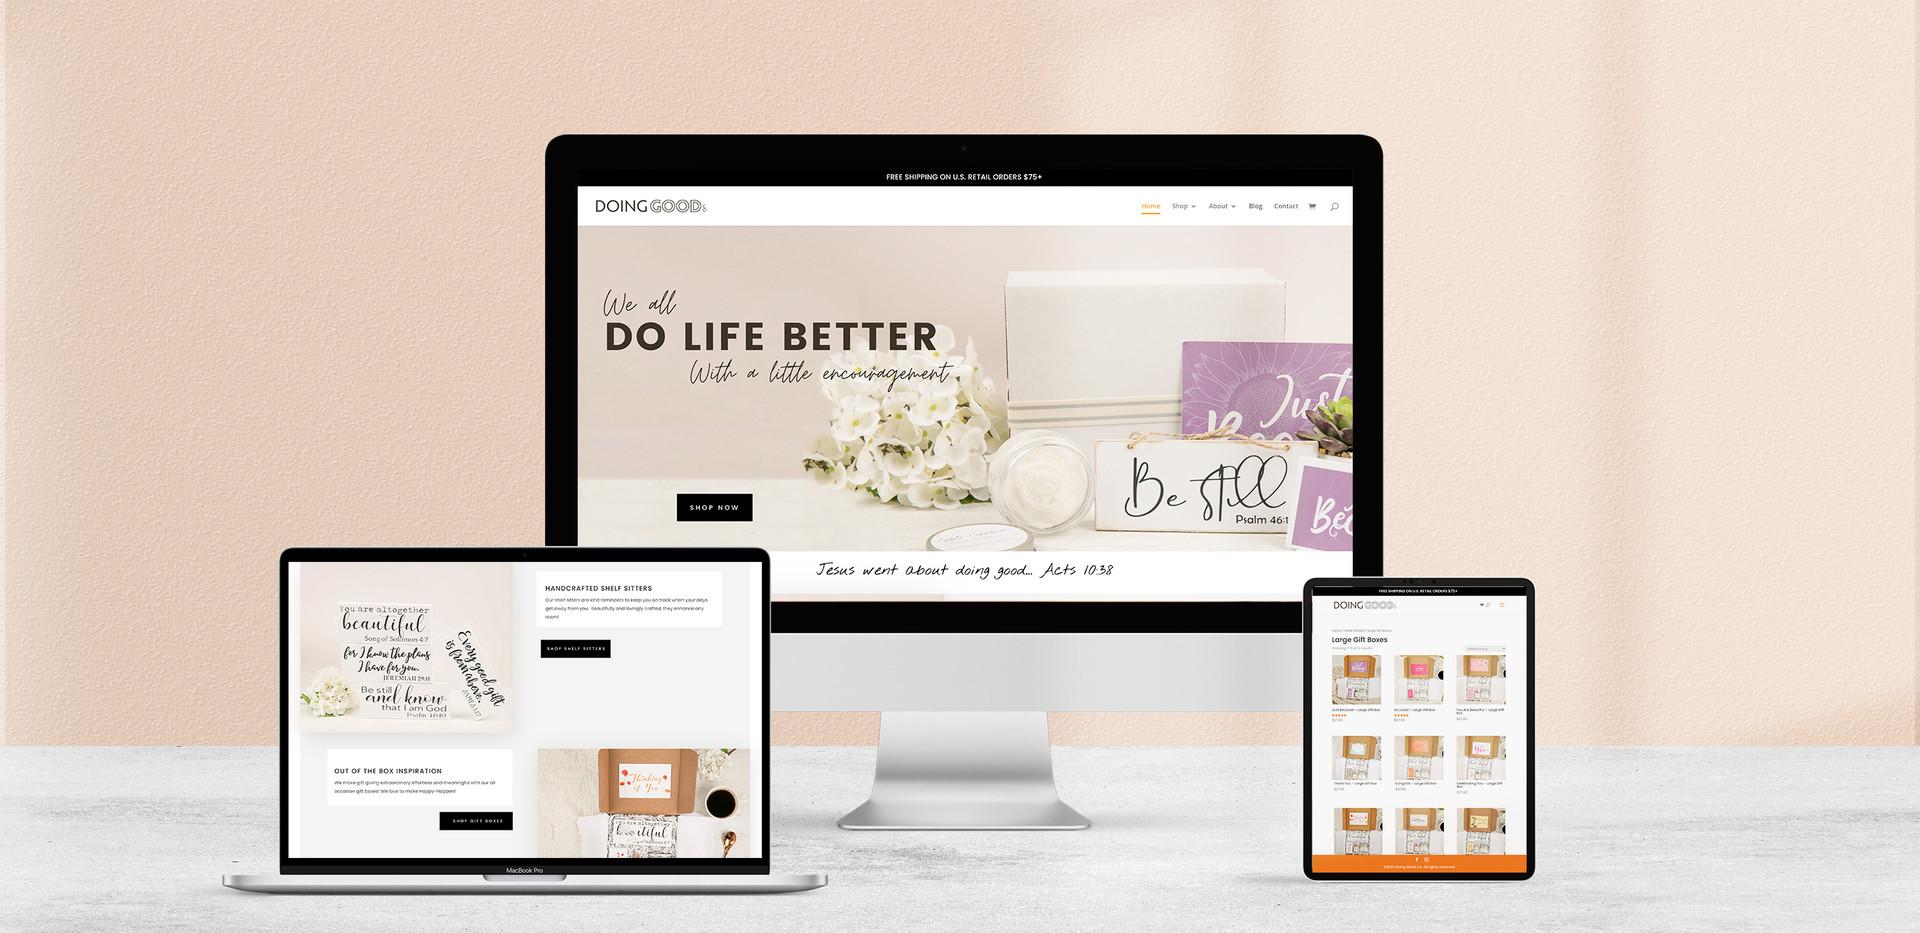 Doing Good Co. Website